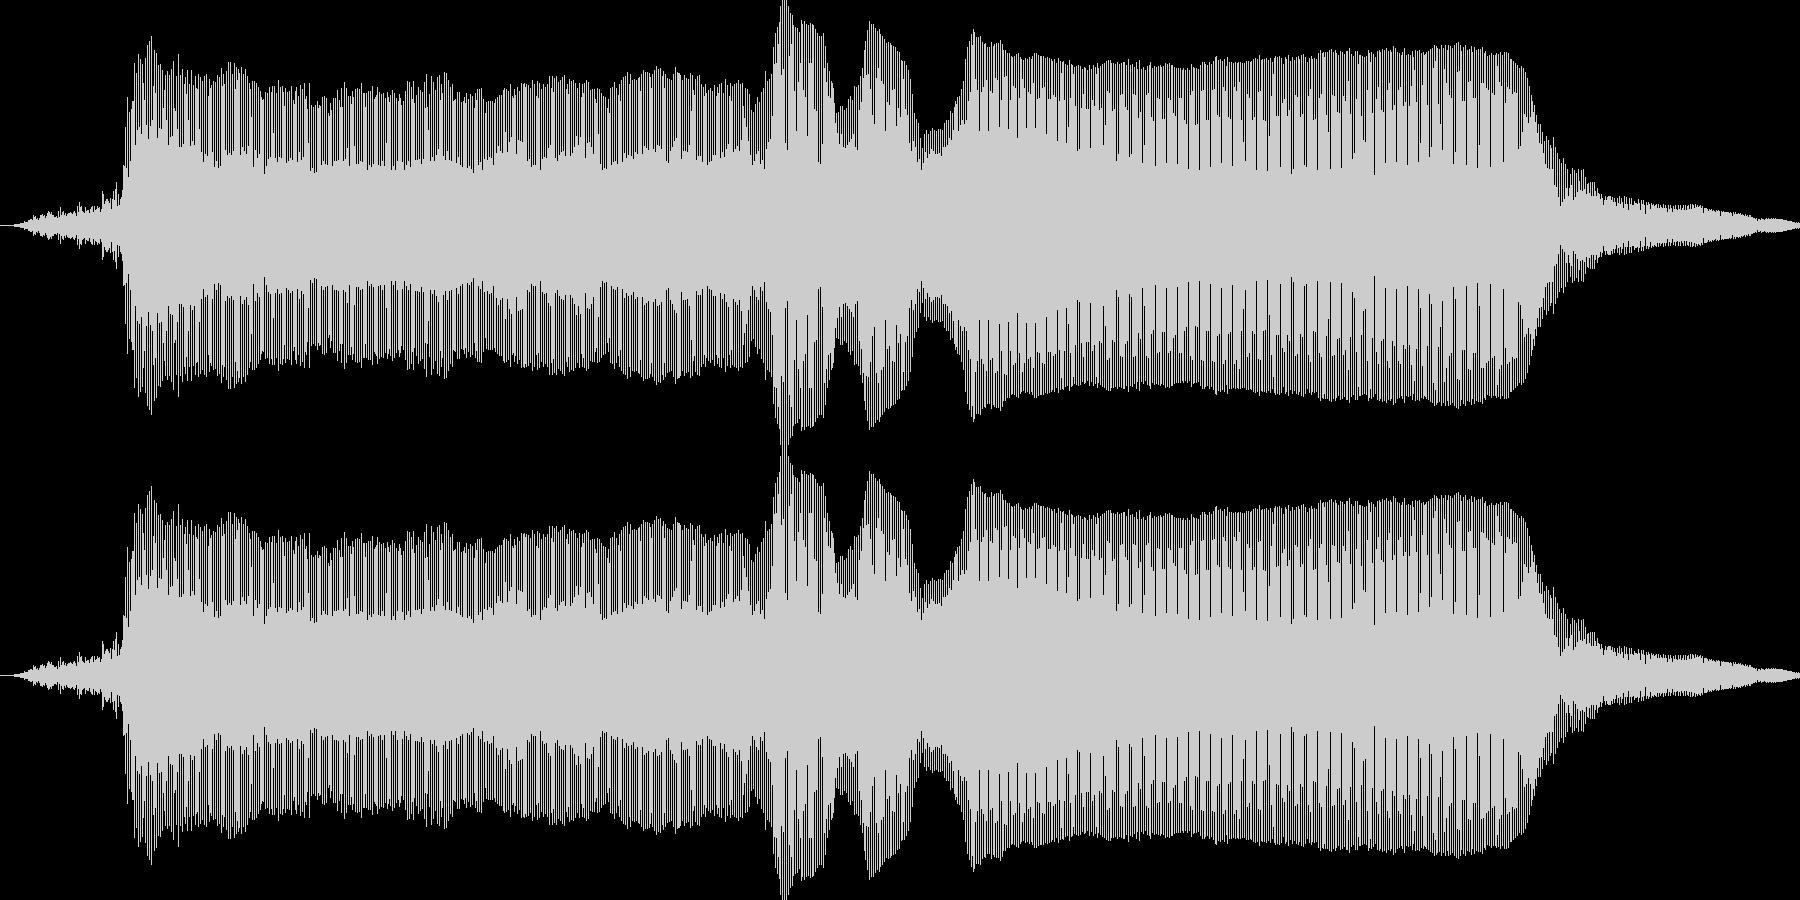 こぶし04(D)の未再生の波形